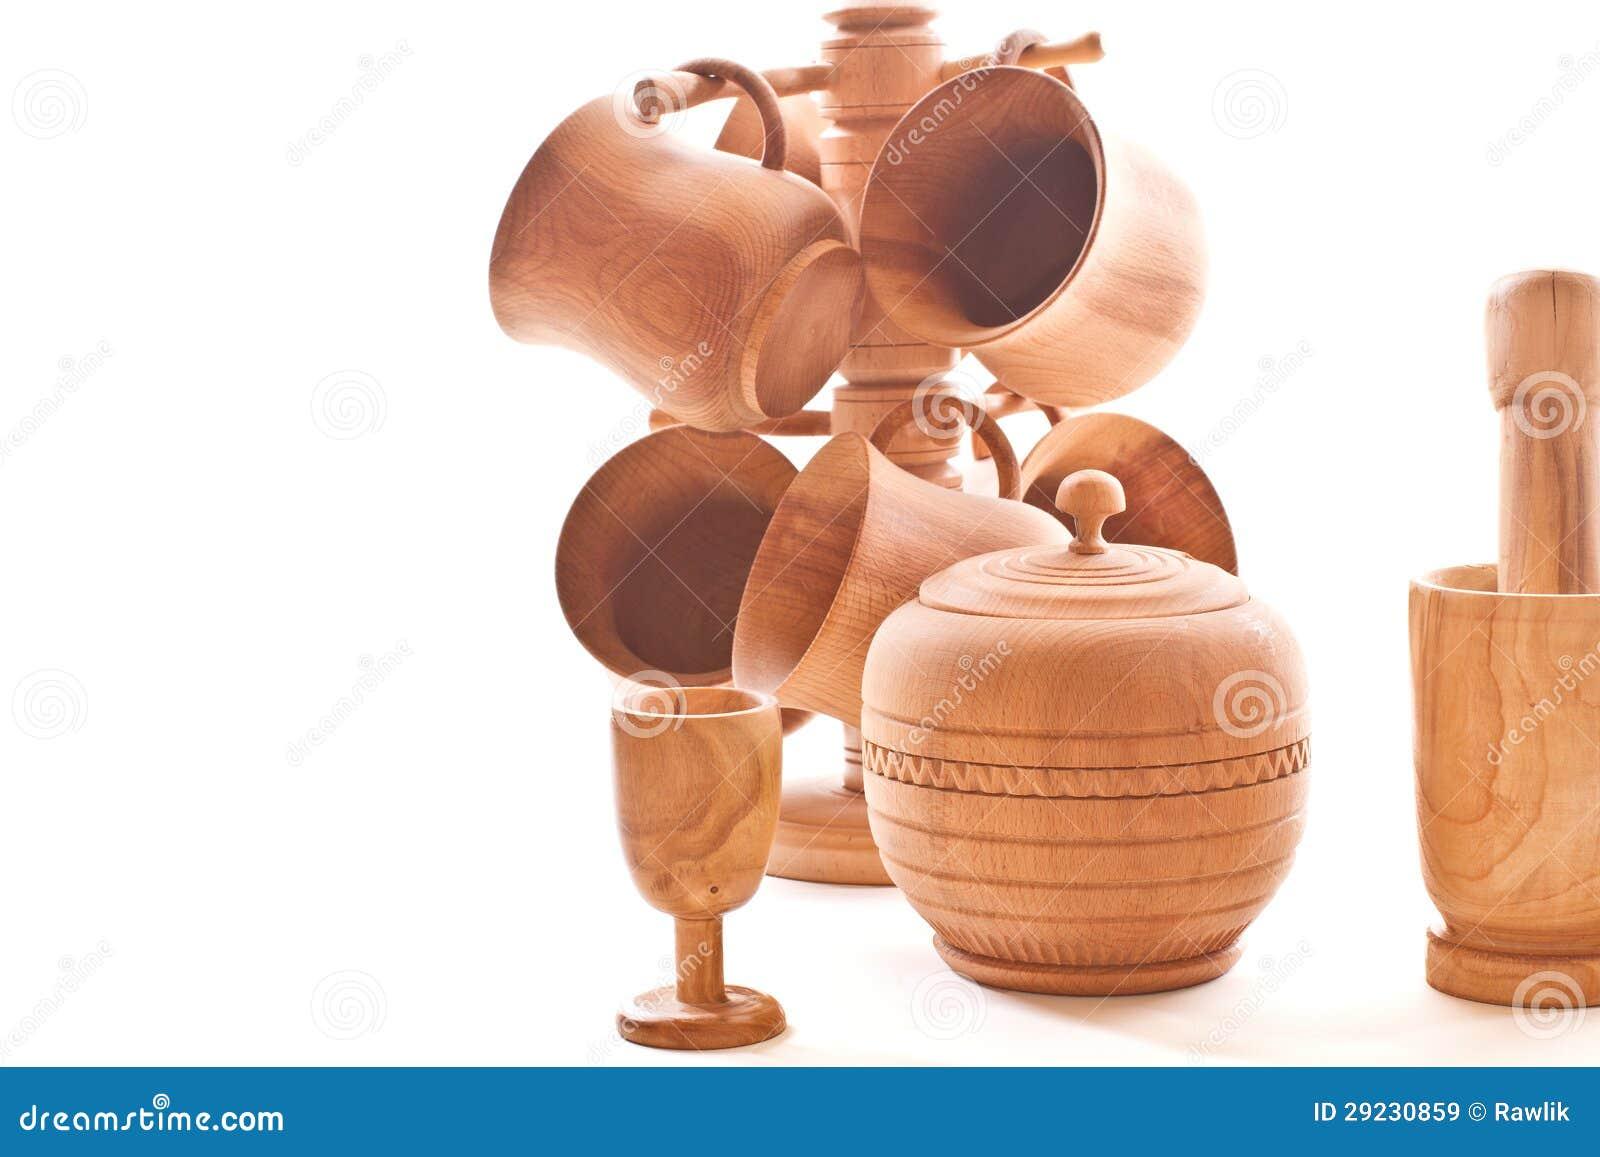 Download Mercadorias de madeira imagem de stock. Imagem de branco - 29230859